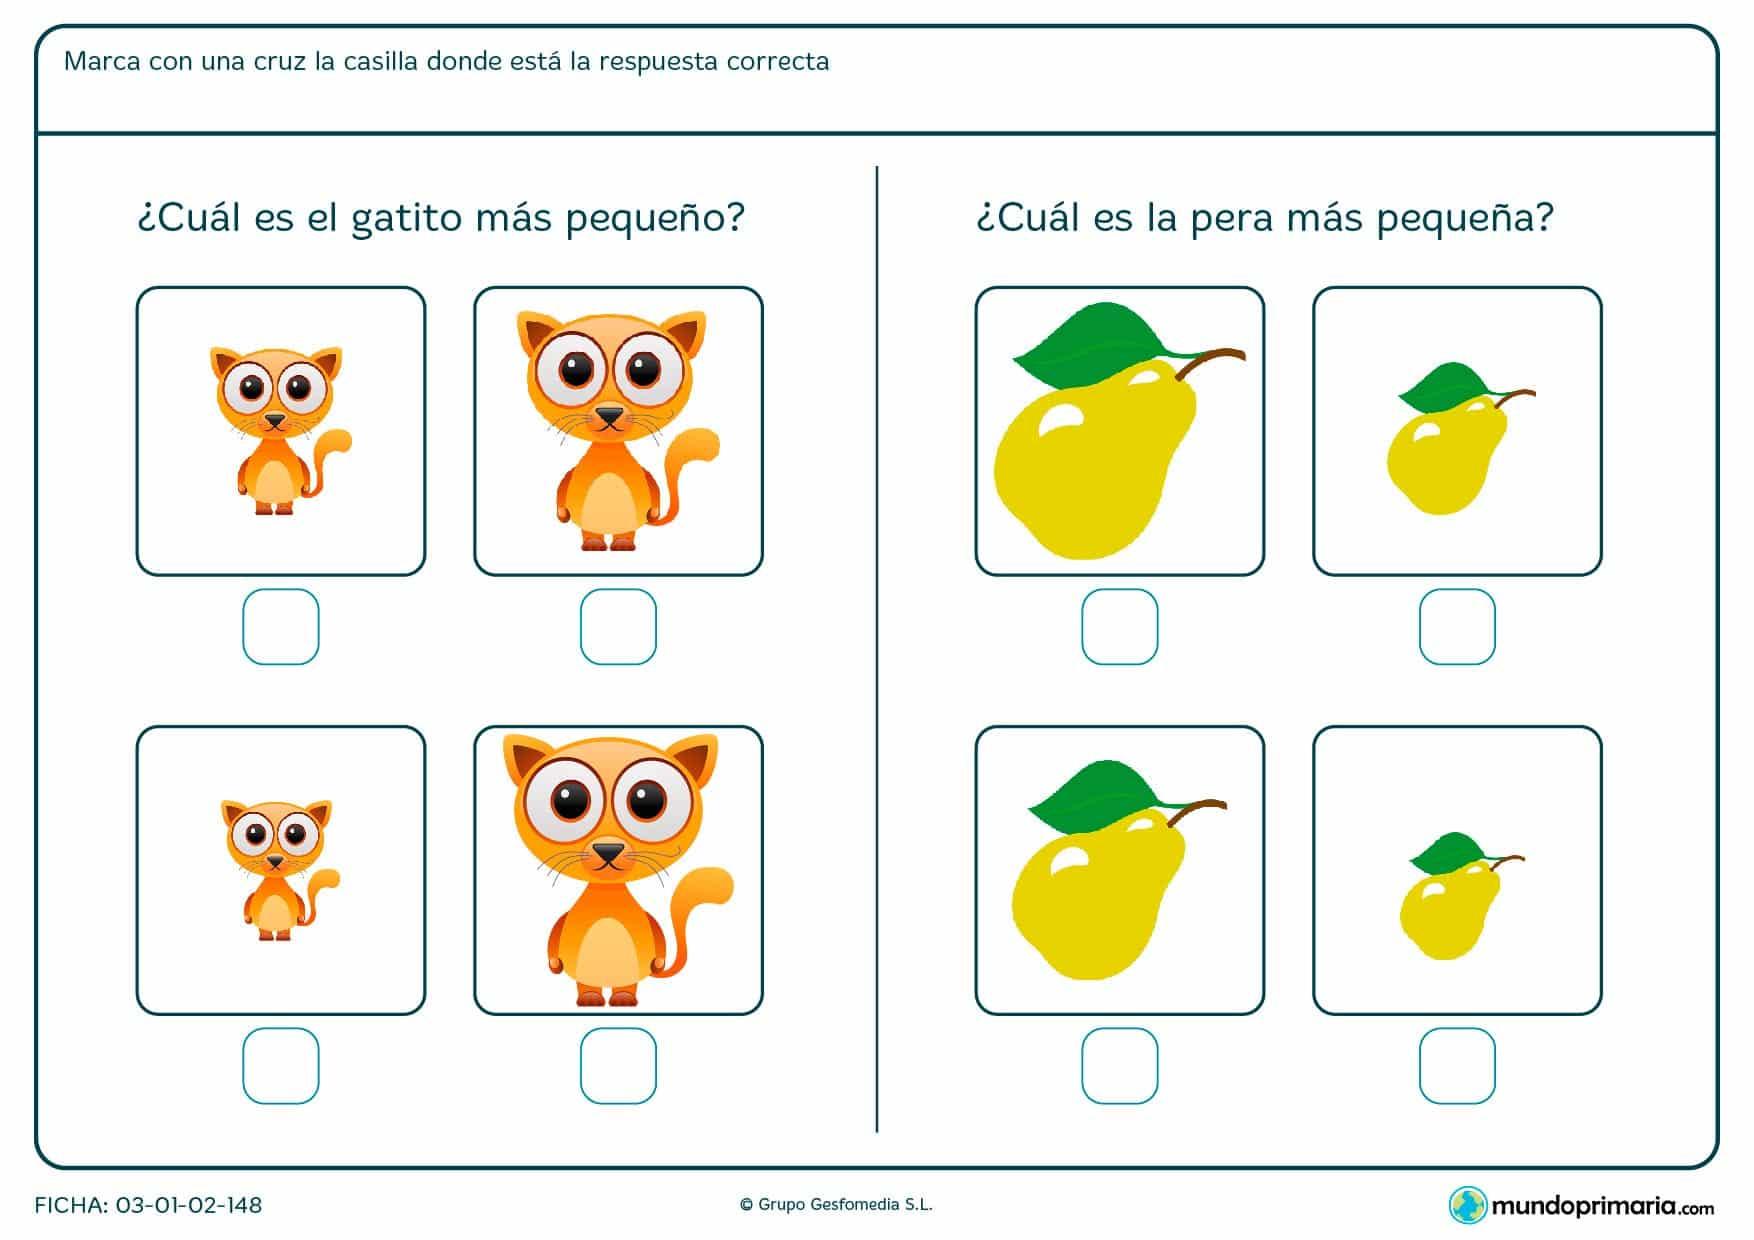 Fichas | EJERCICIOS de MATEMÁTICAS para niños de primaria【2018】